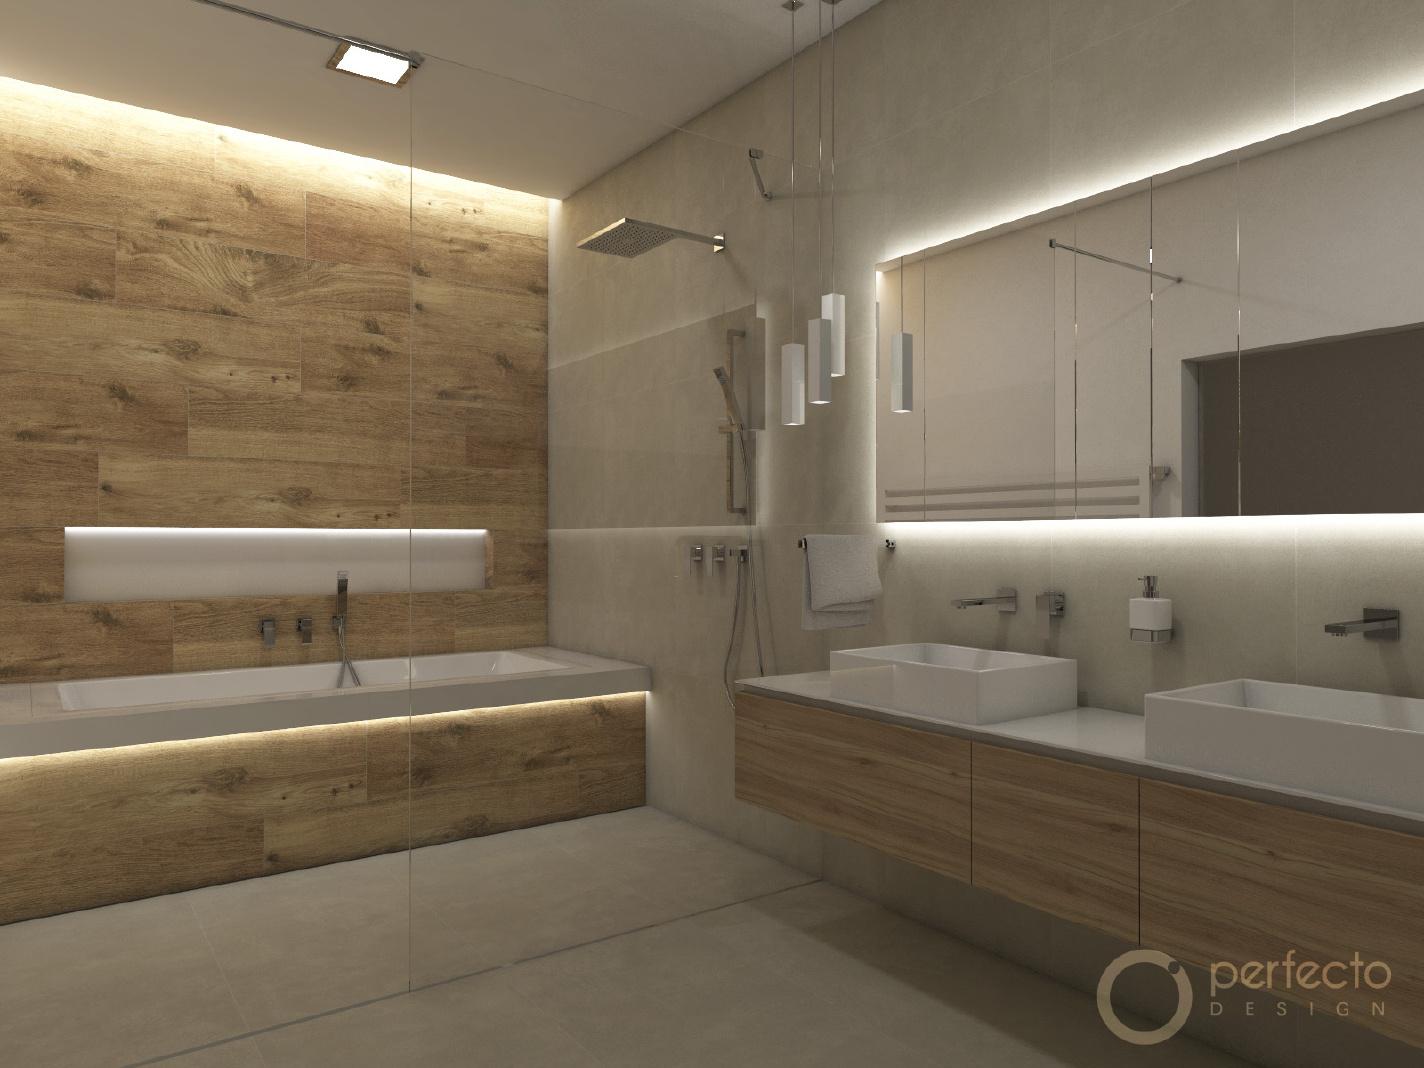 modernes badezimmer sand perfecto design. Black Bedroom Furniture Sets. Home Design Ideas